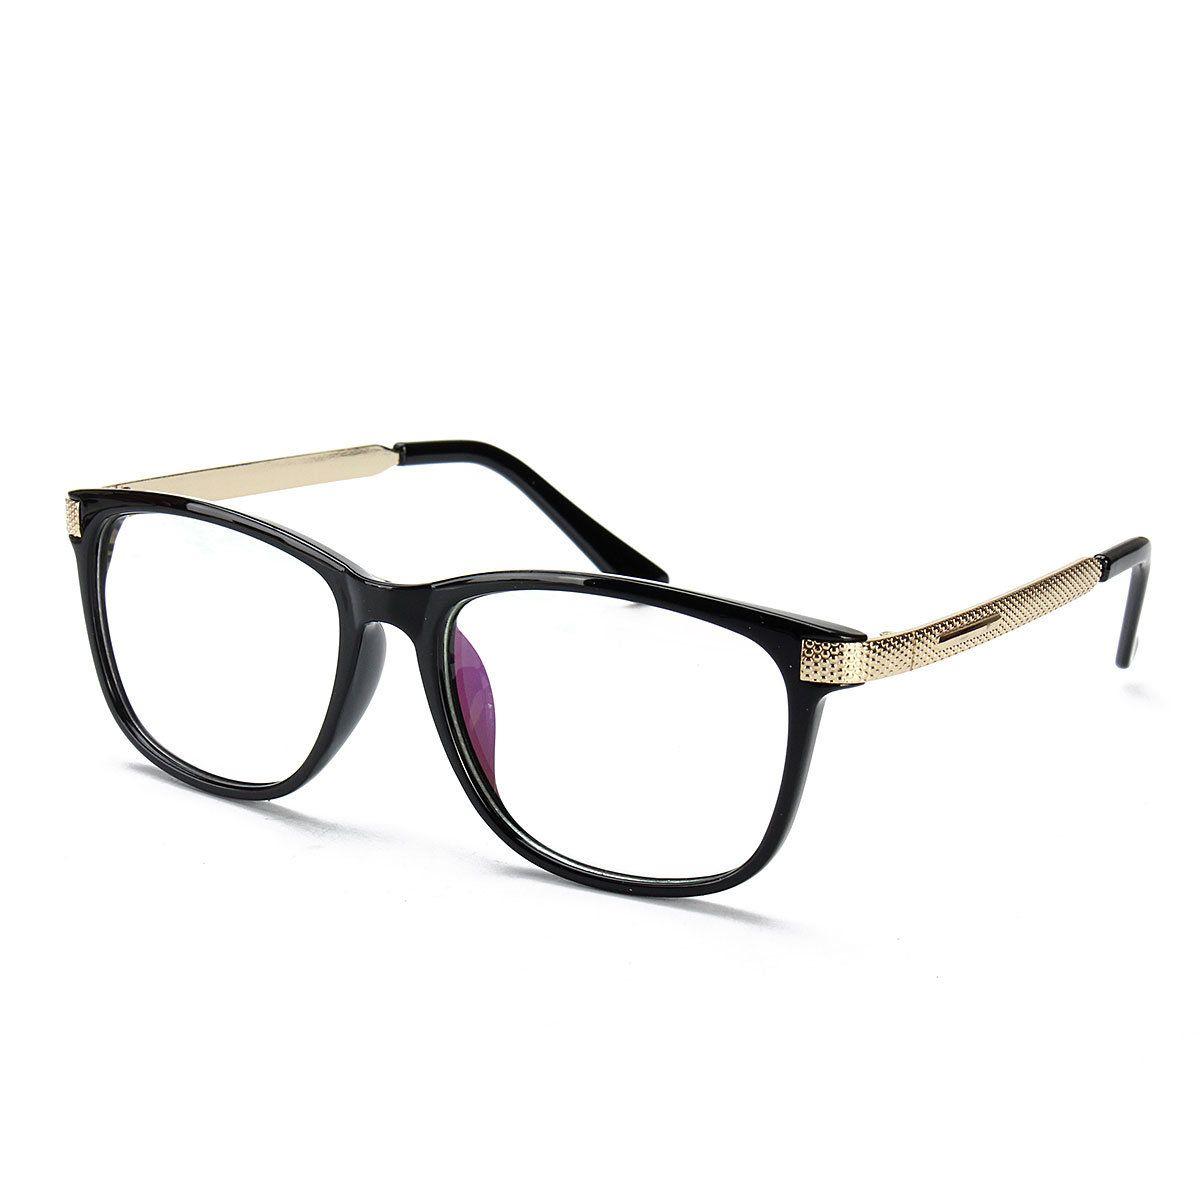 bbcbe349a2a Unisex Women Men Retro Eyeglass Frame Full-Rim Clear Lens Metal Plain  Glasses